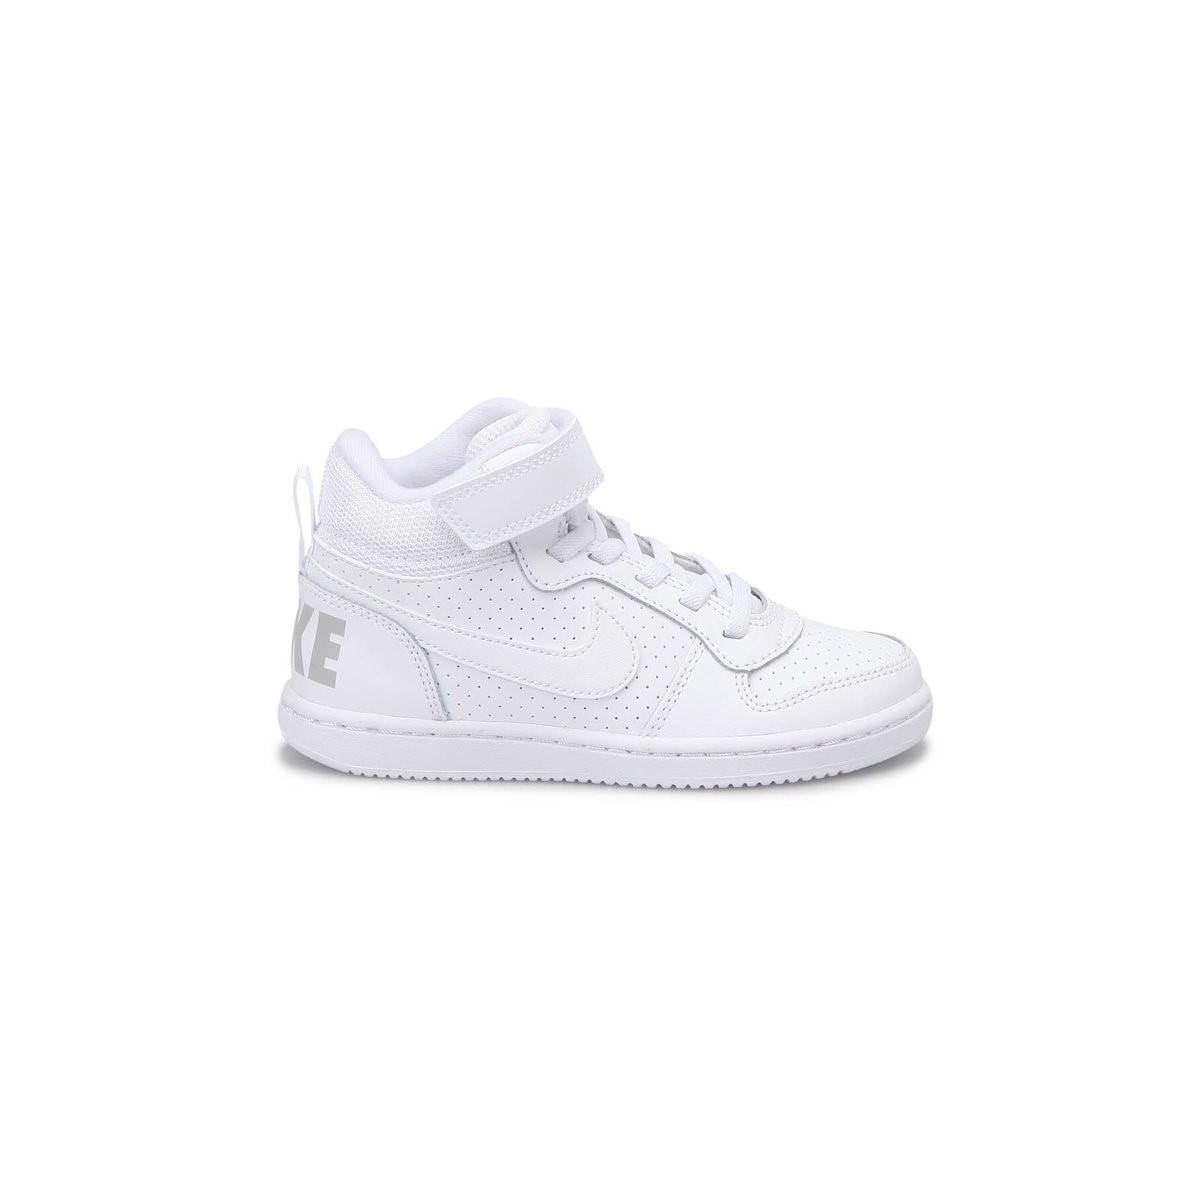 Court Borough Mid Çocuk Beyaz Spor Ayakkabı